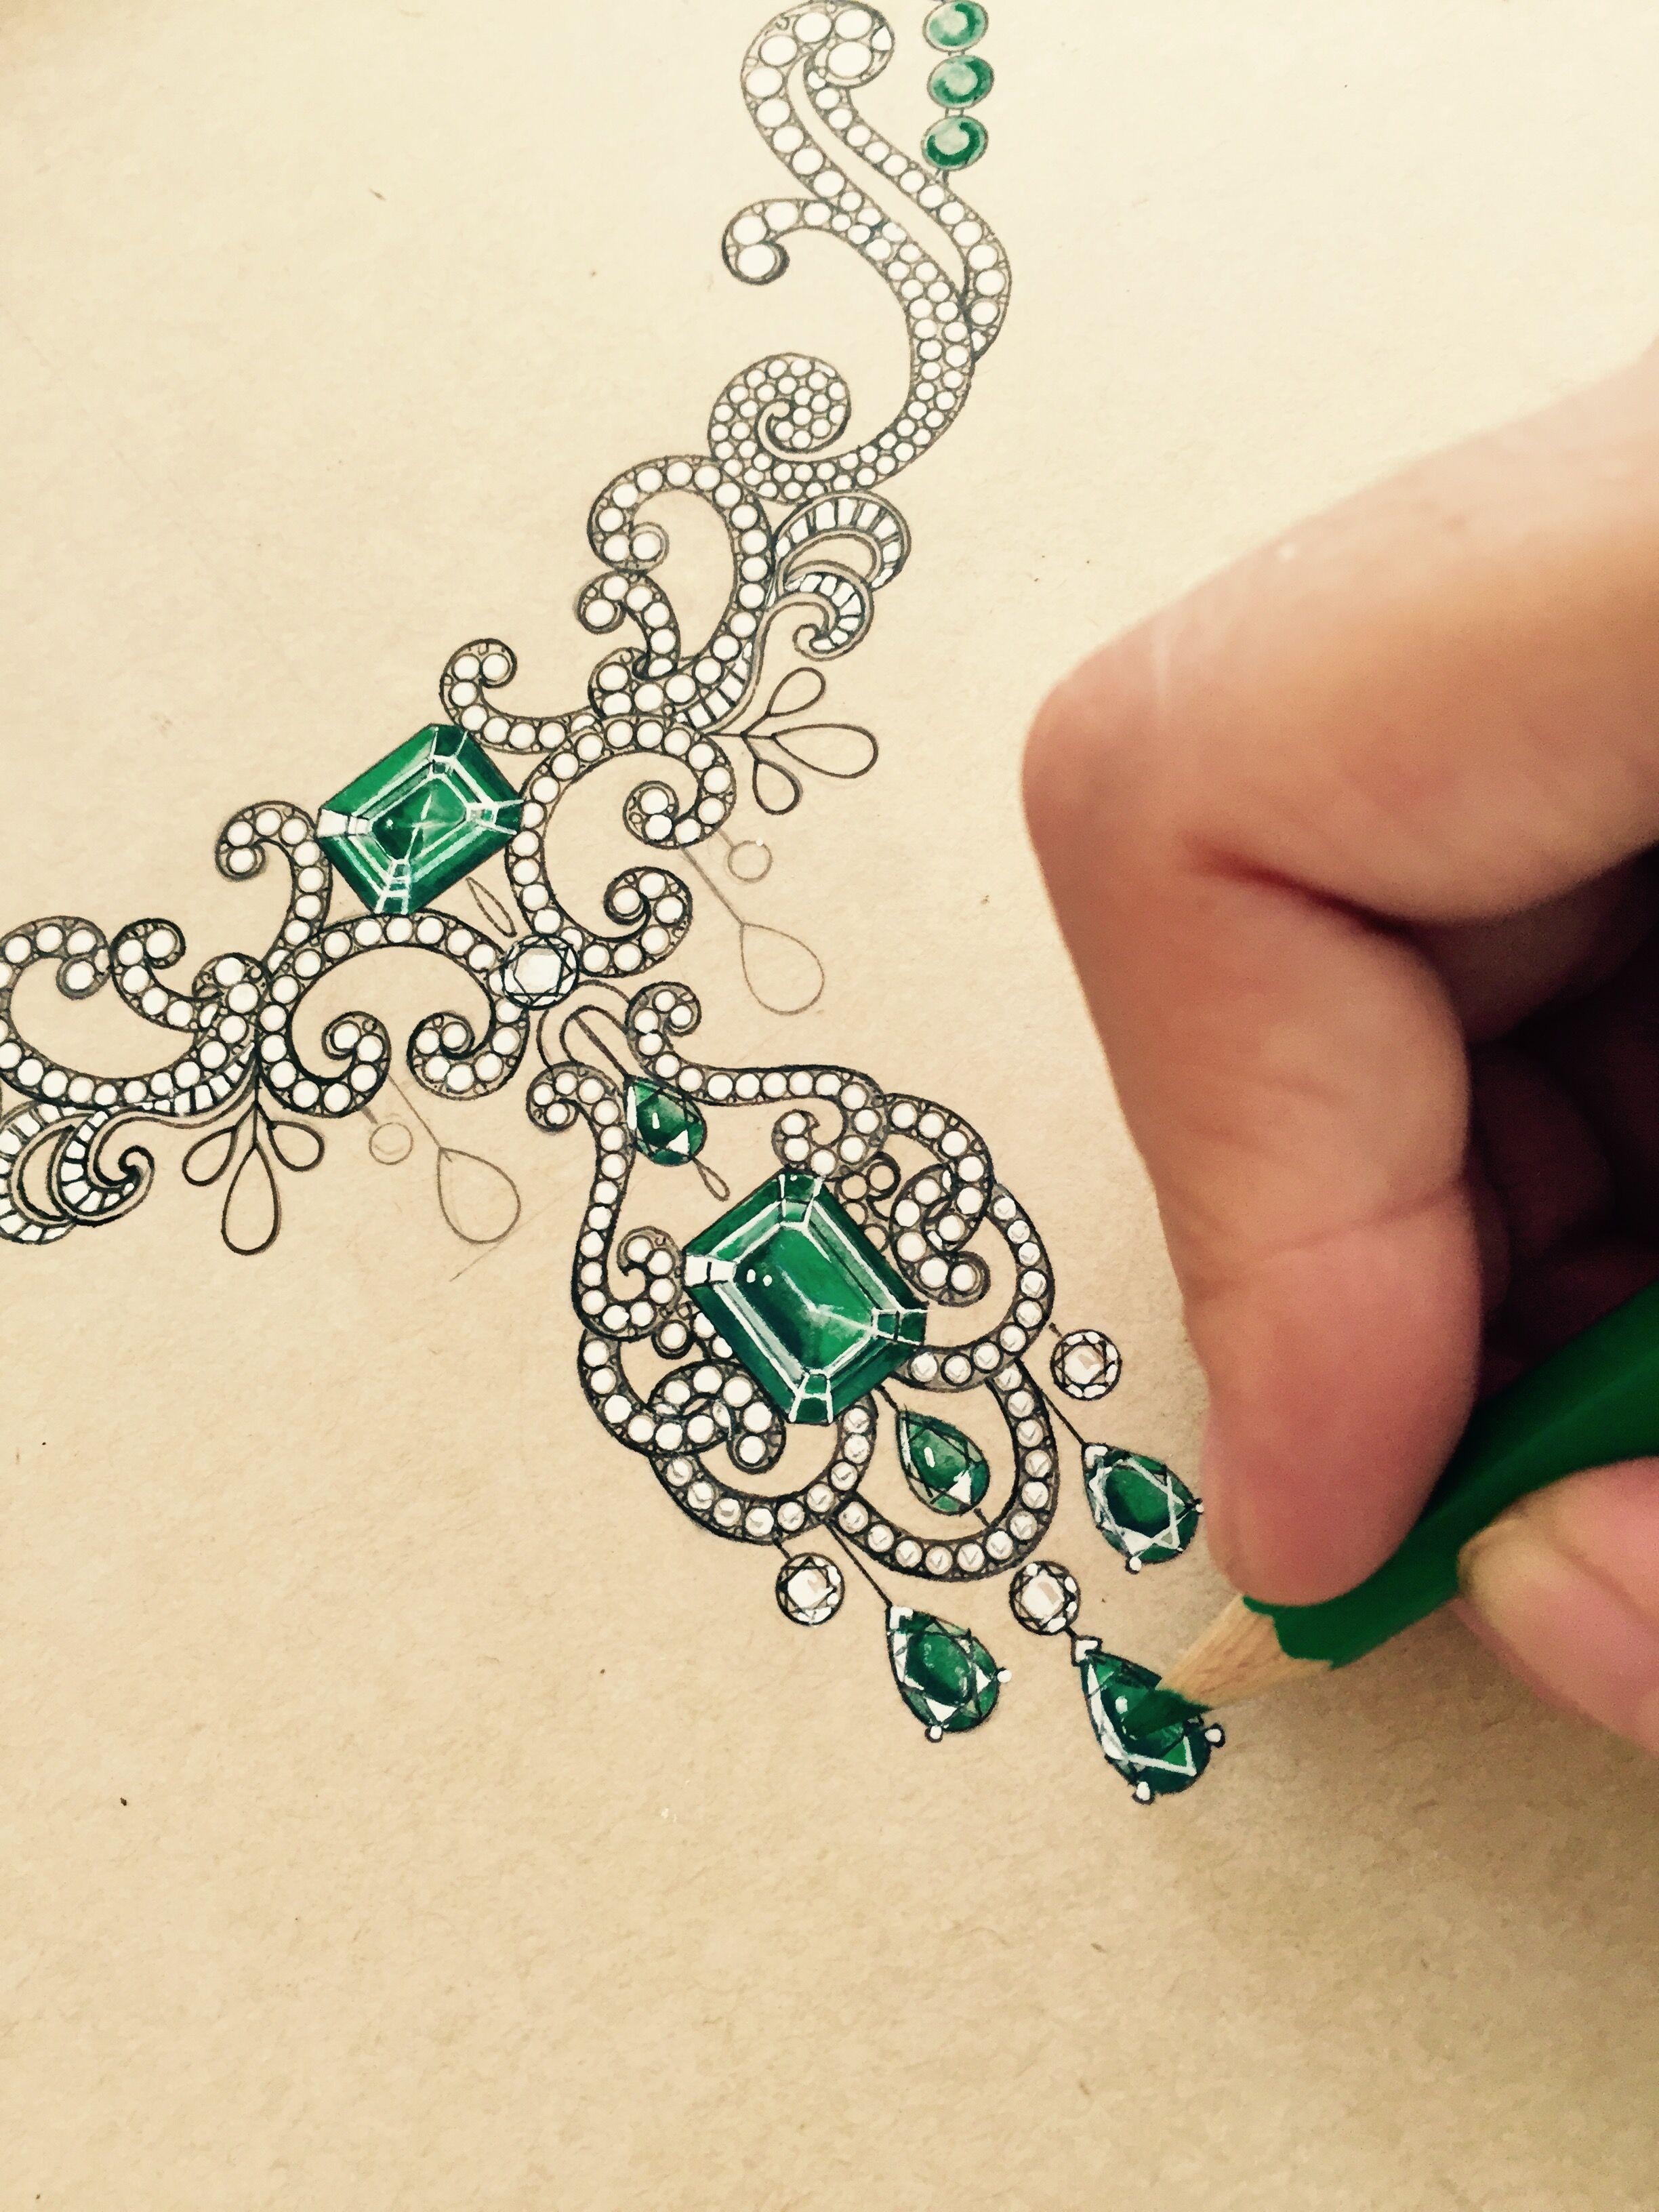 珠宝设计手绘-珠宝设计绘图入门-珠宝设计图手稿铅笔画-大师珠宝设计